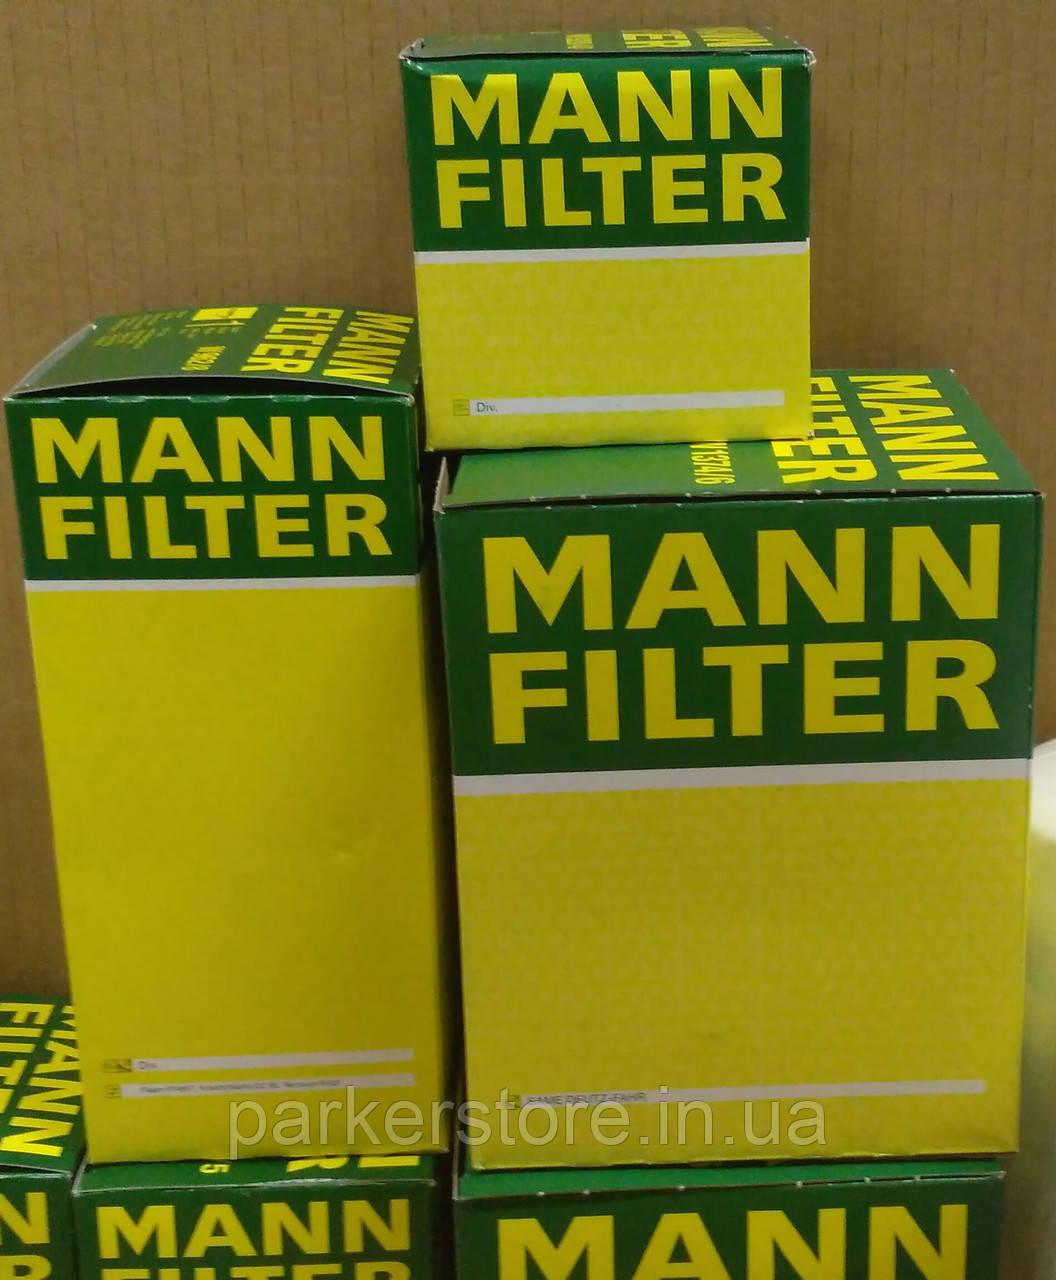 MANN FILTER / Повітряний фільтр / C 27 023 / C27023